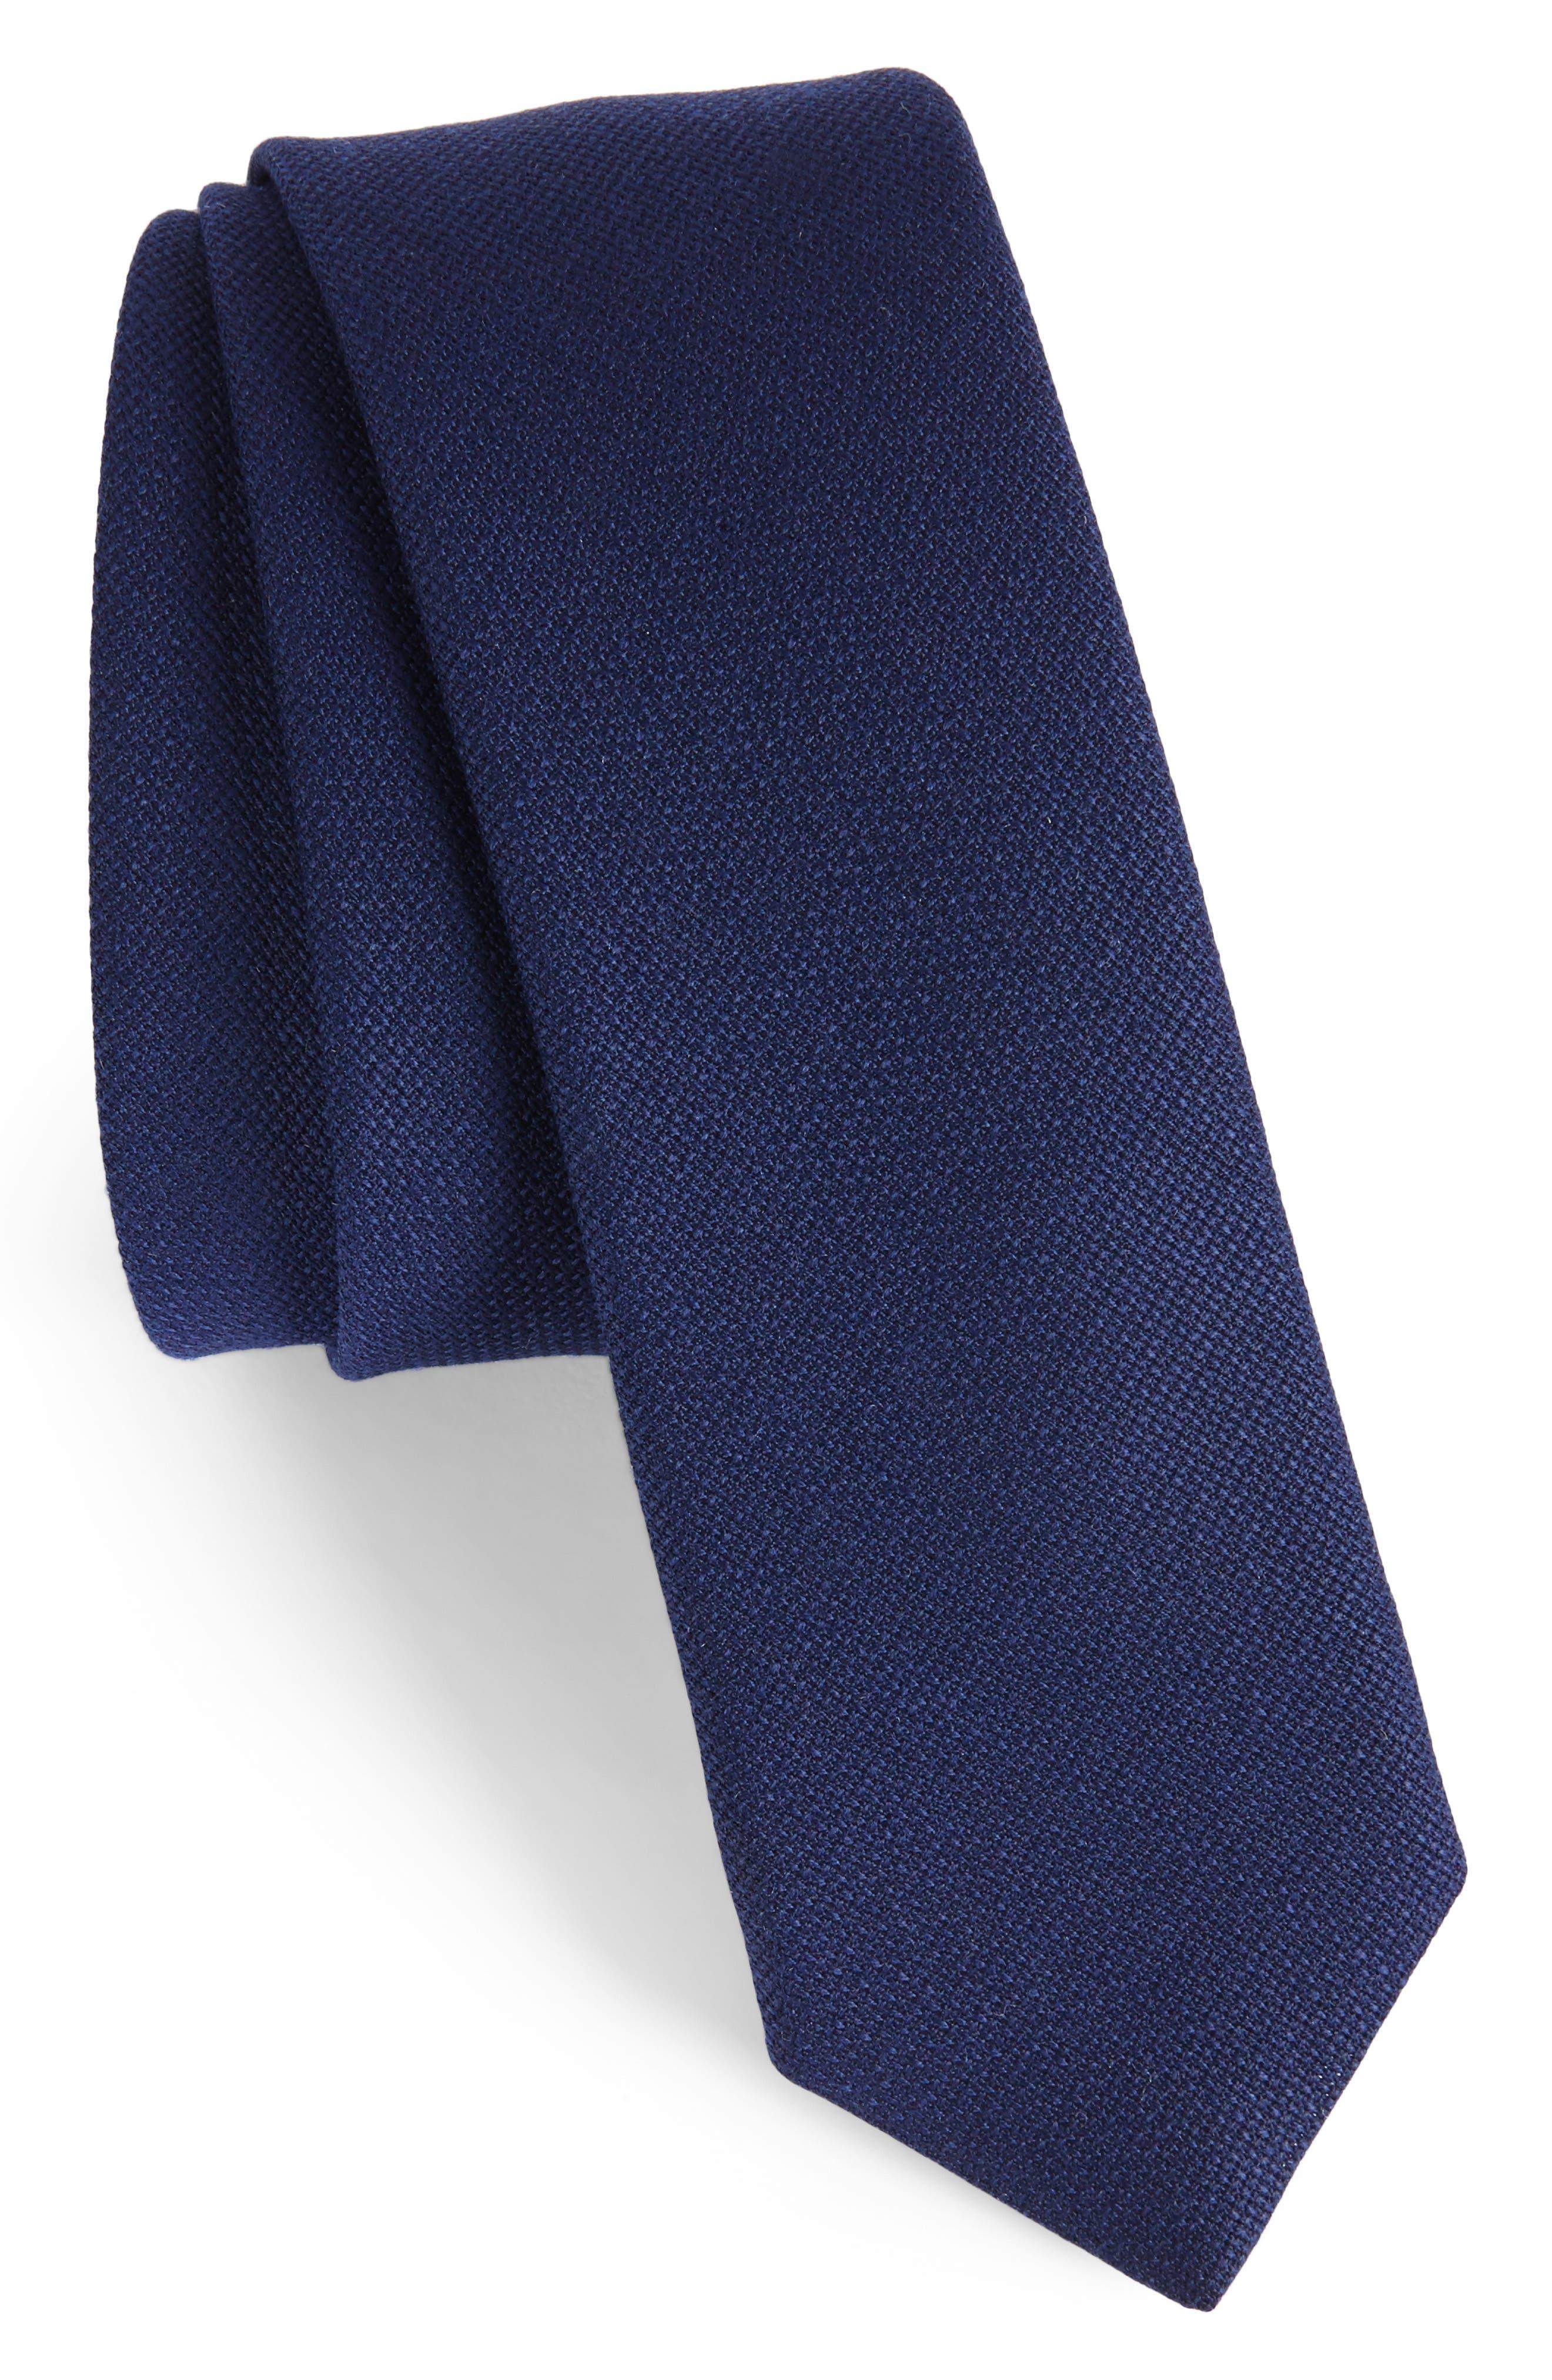 Alternate Image 1 Selected - Eleventy Marled Wool Skinny Tie